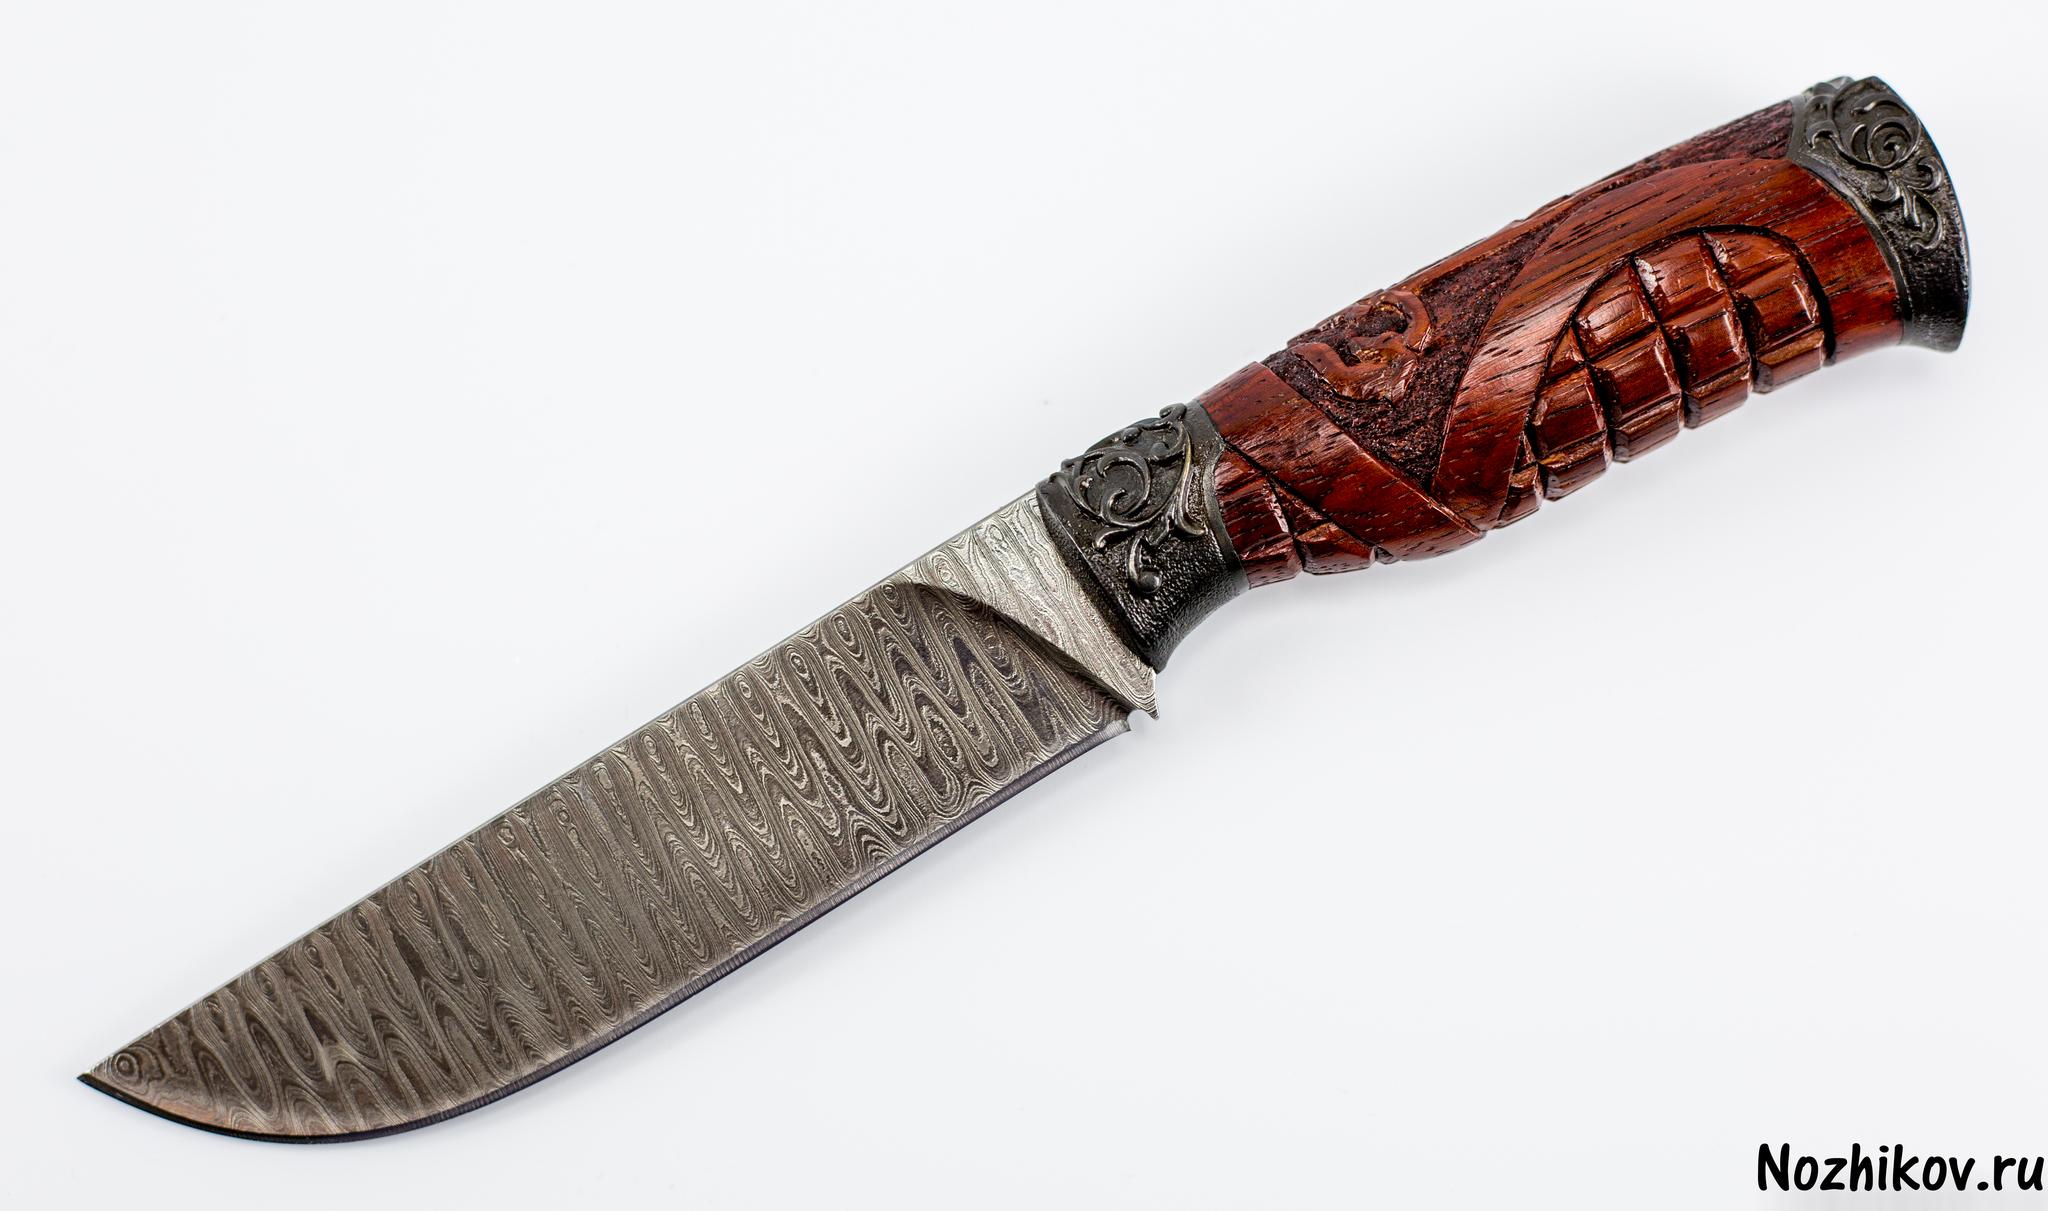 Авторский Нож из Дамаска №9, КизлярНожи Кизляр<br><br>